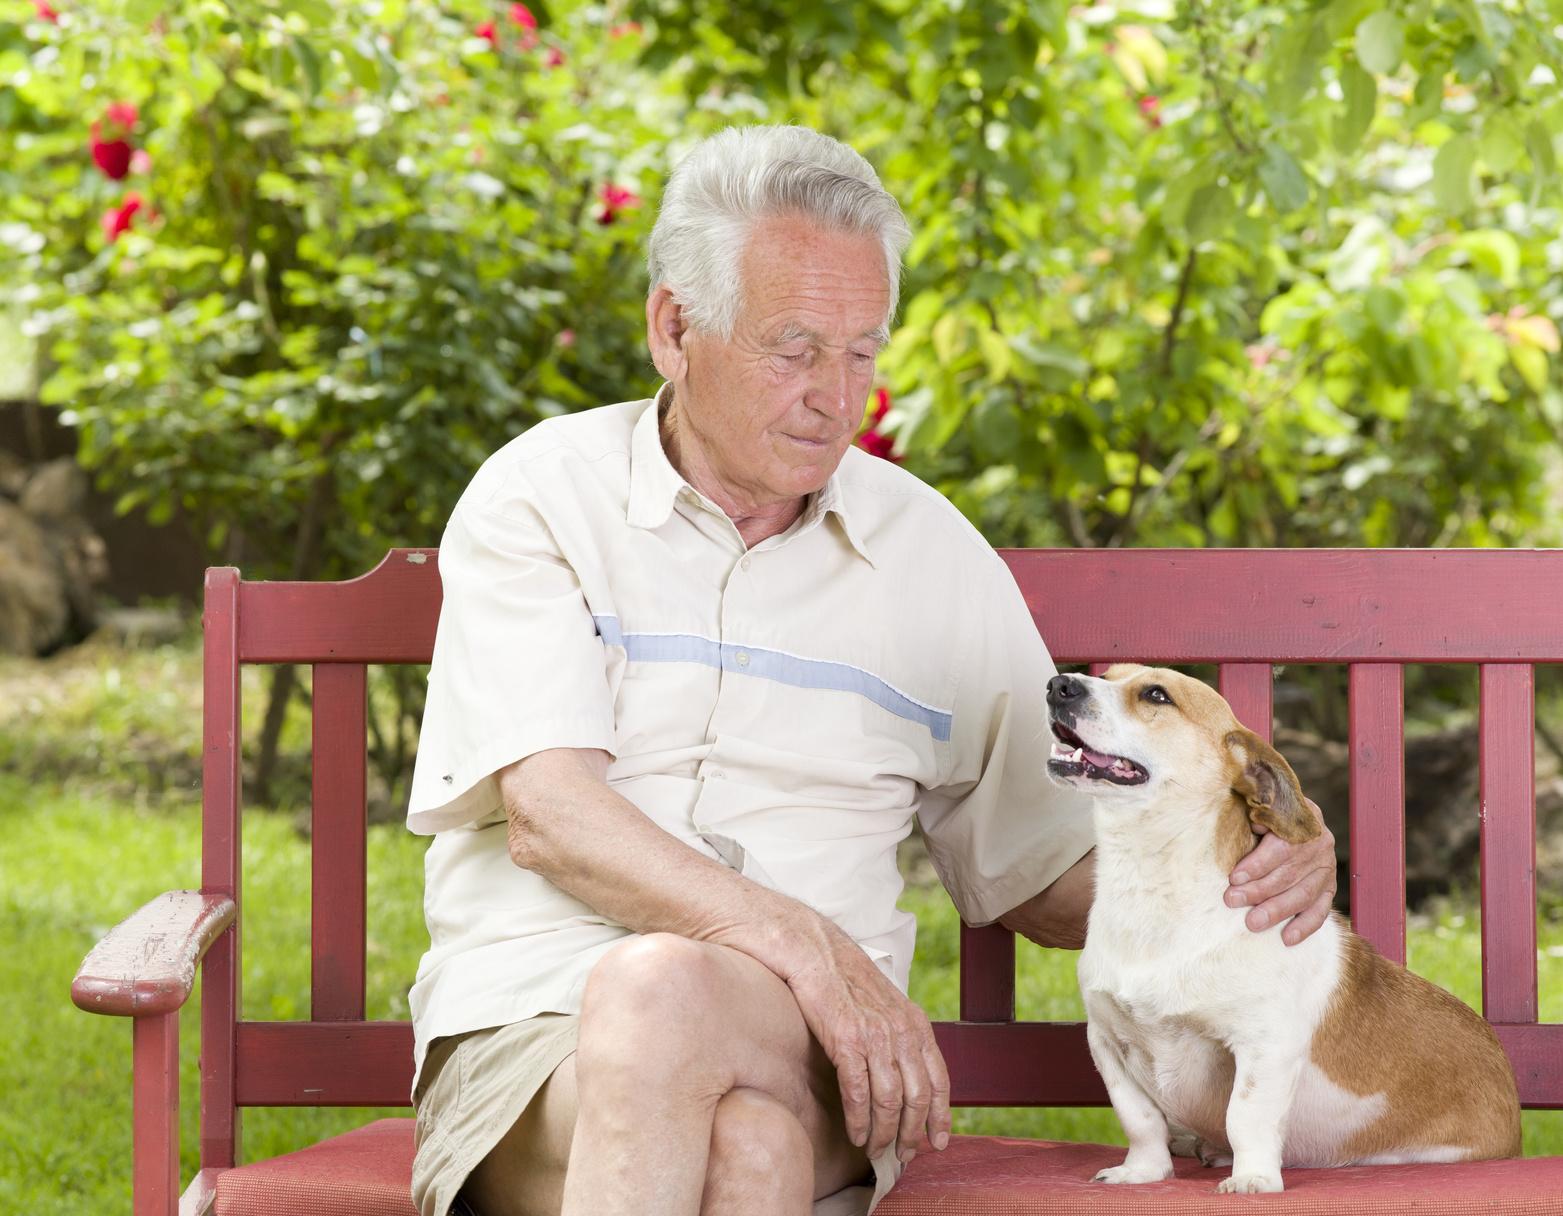 senior-kurze-hose-helles-hemd-rote-parkbank-streichelt-hund